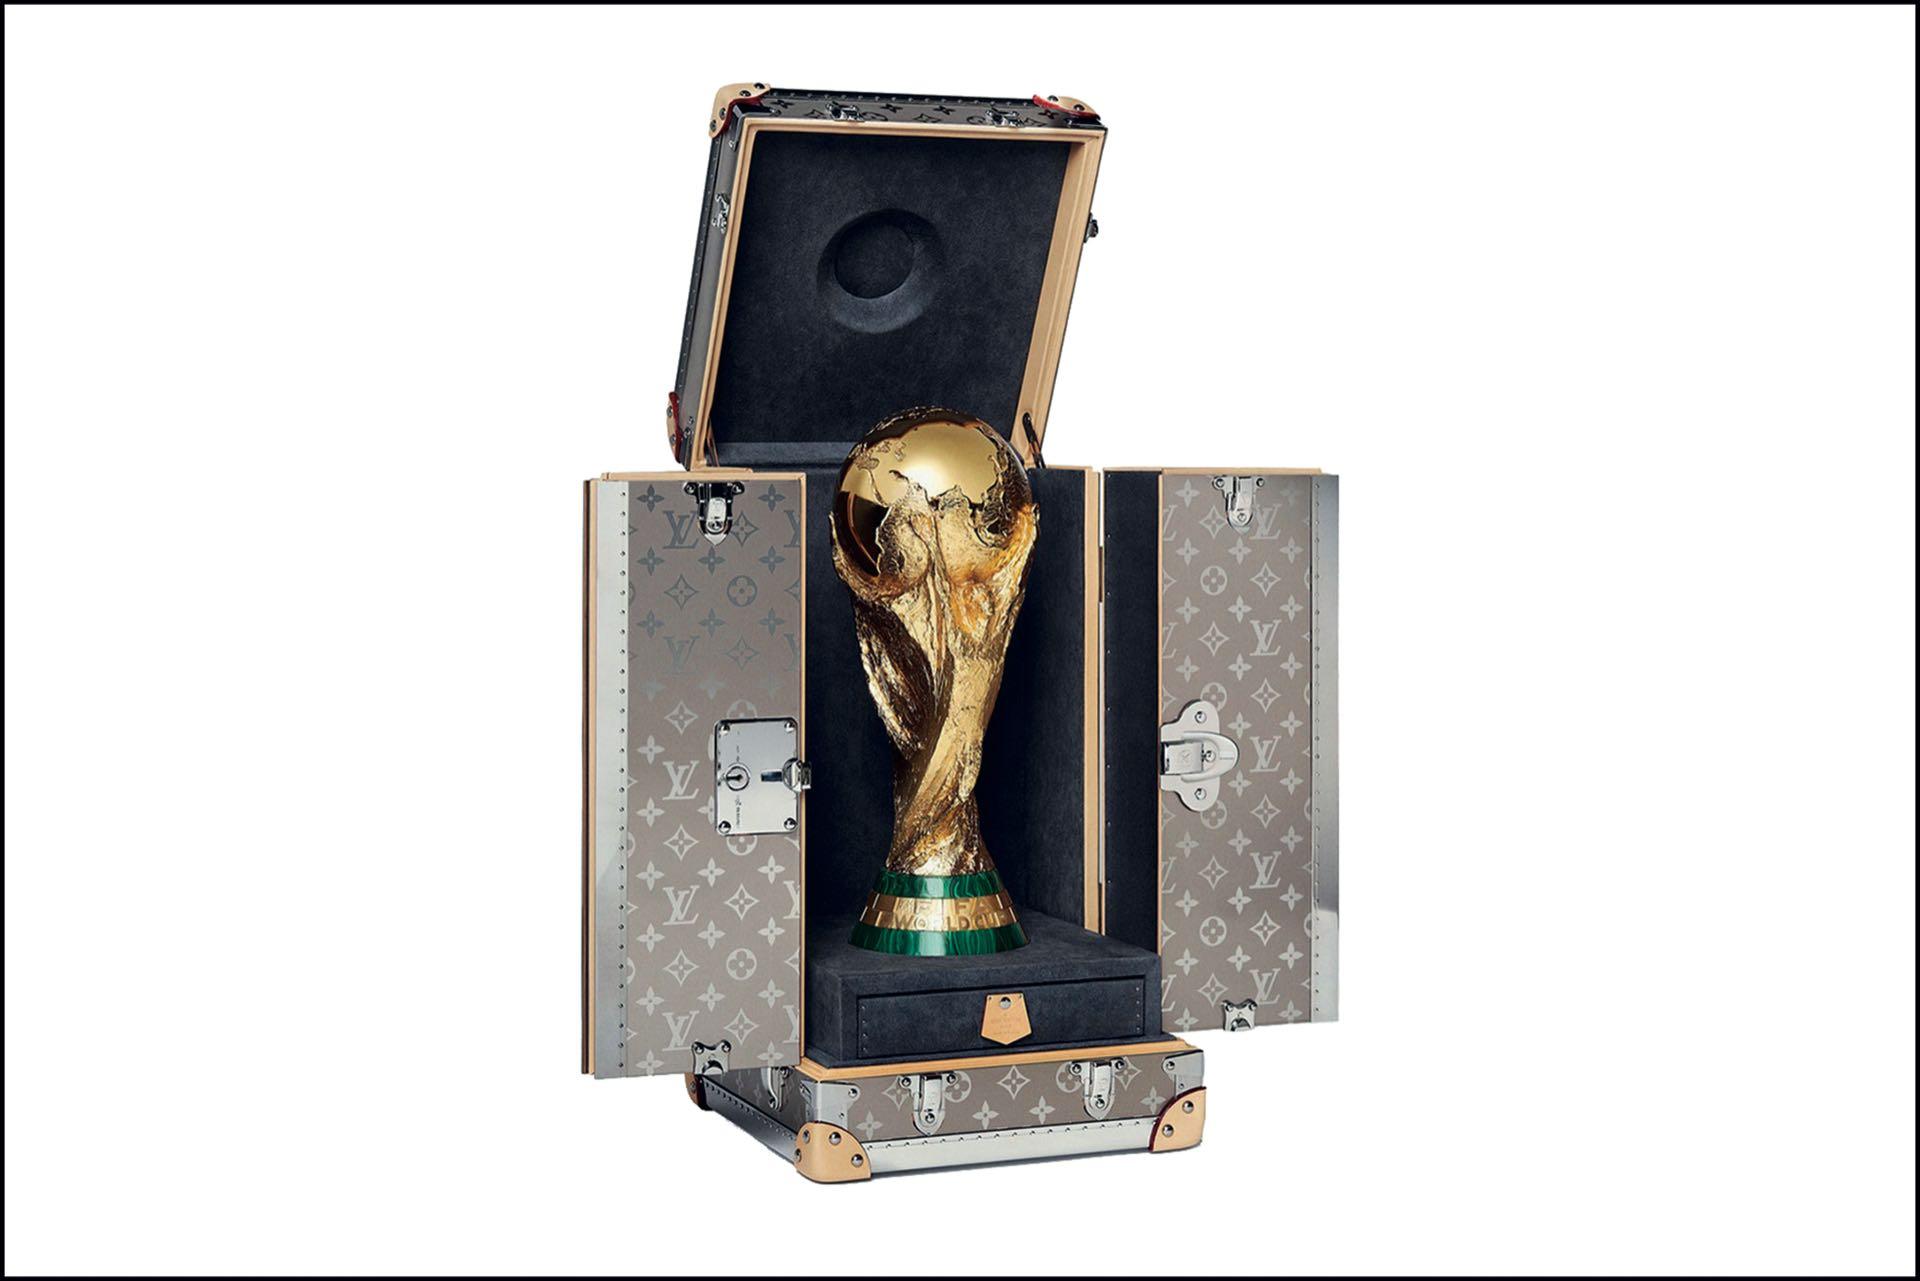 El cofre soñado by Louis Vuitton. Guardián de la Copa del Mundo.